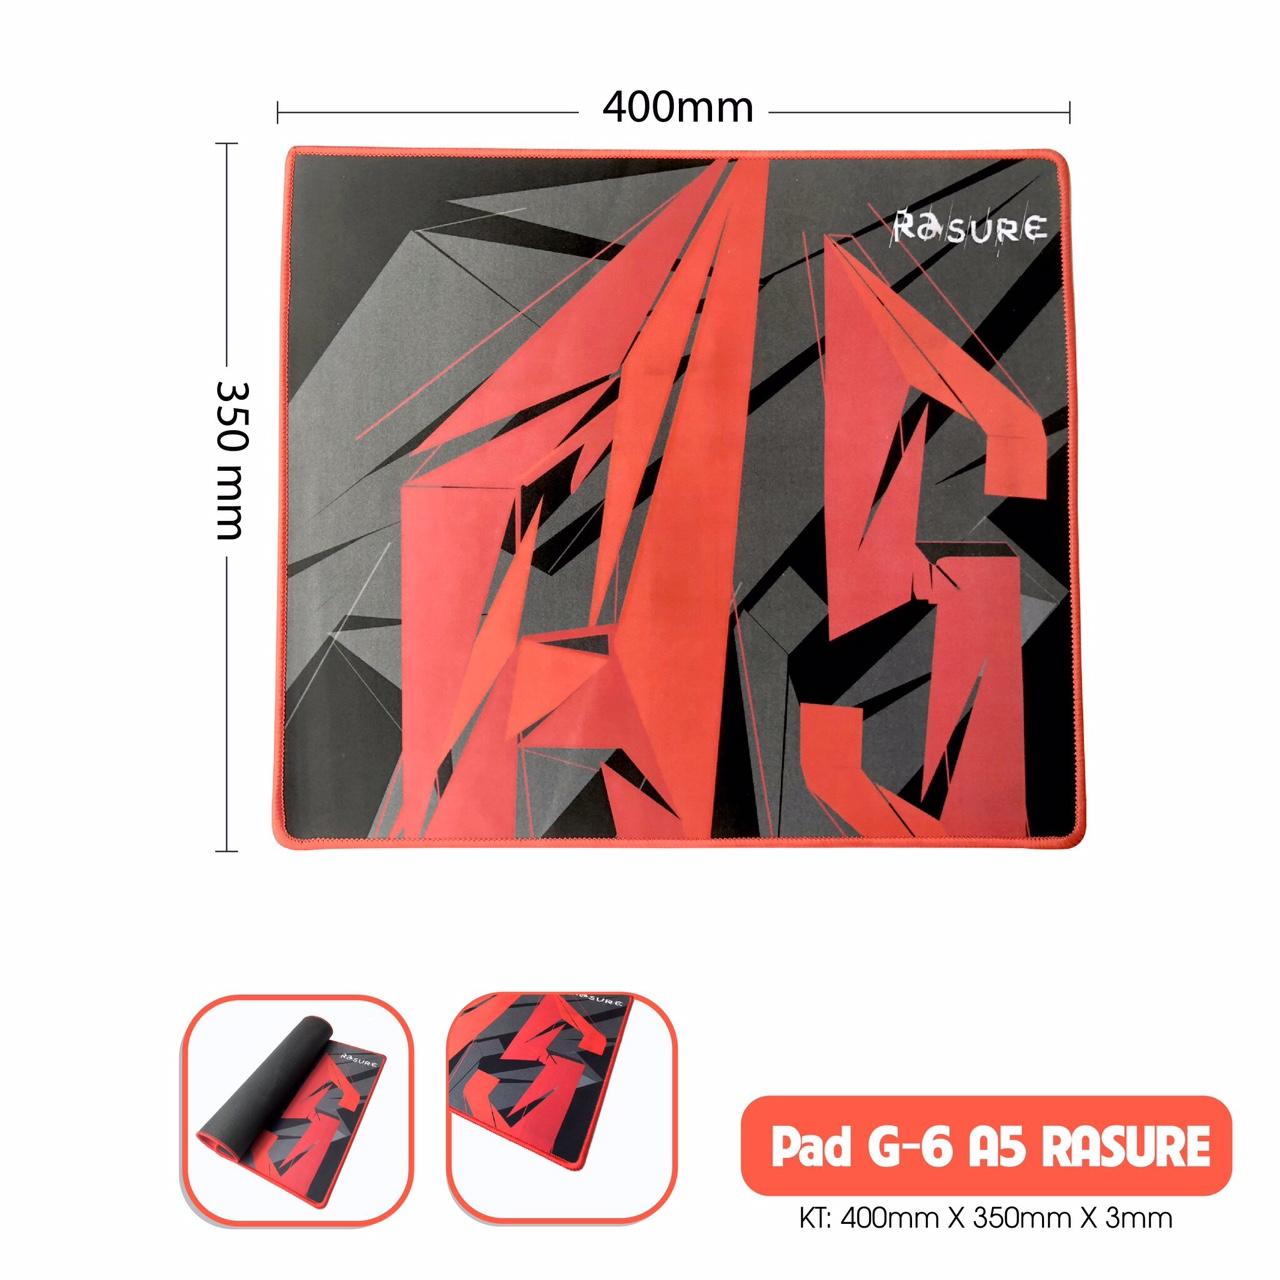 Lót Chuột Pad G-6 A5 Rasure - may viền 400x350x3mm ( giao màu ngẫu nhiên)